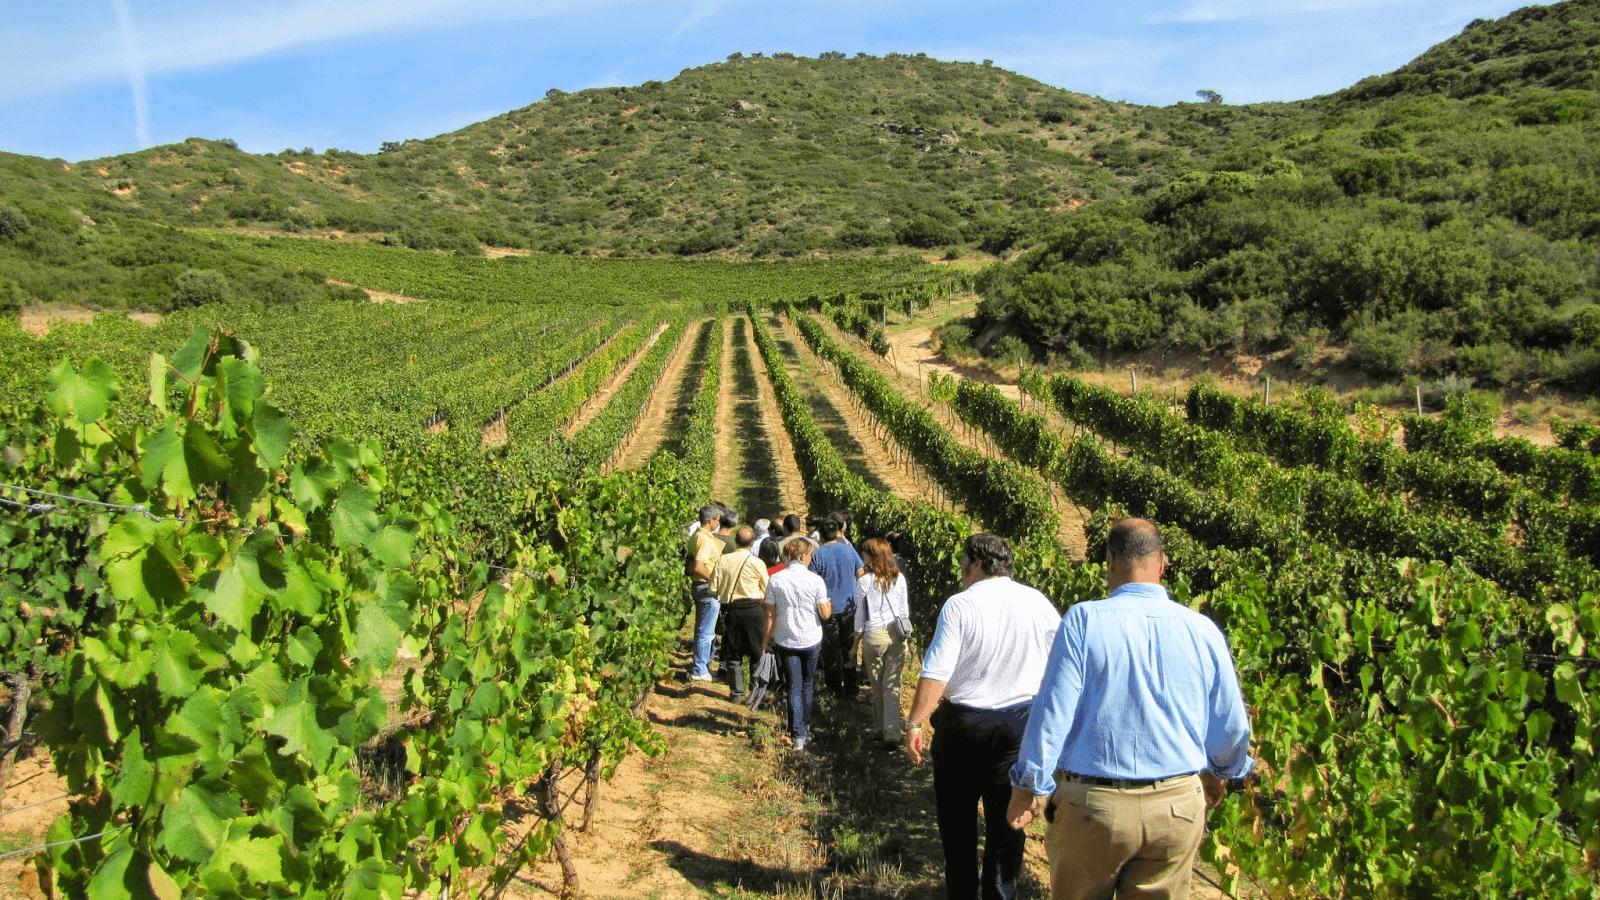 Anuncian la creación de la Organización Mundial del Enoturismo, integrada por 24 países vinculados al mundo del vino 1